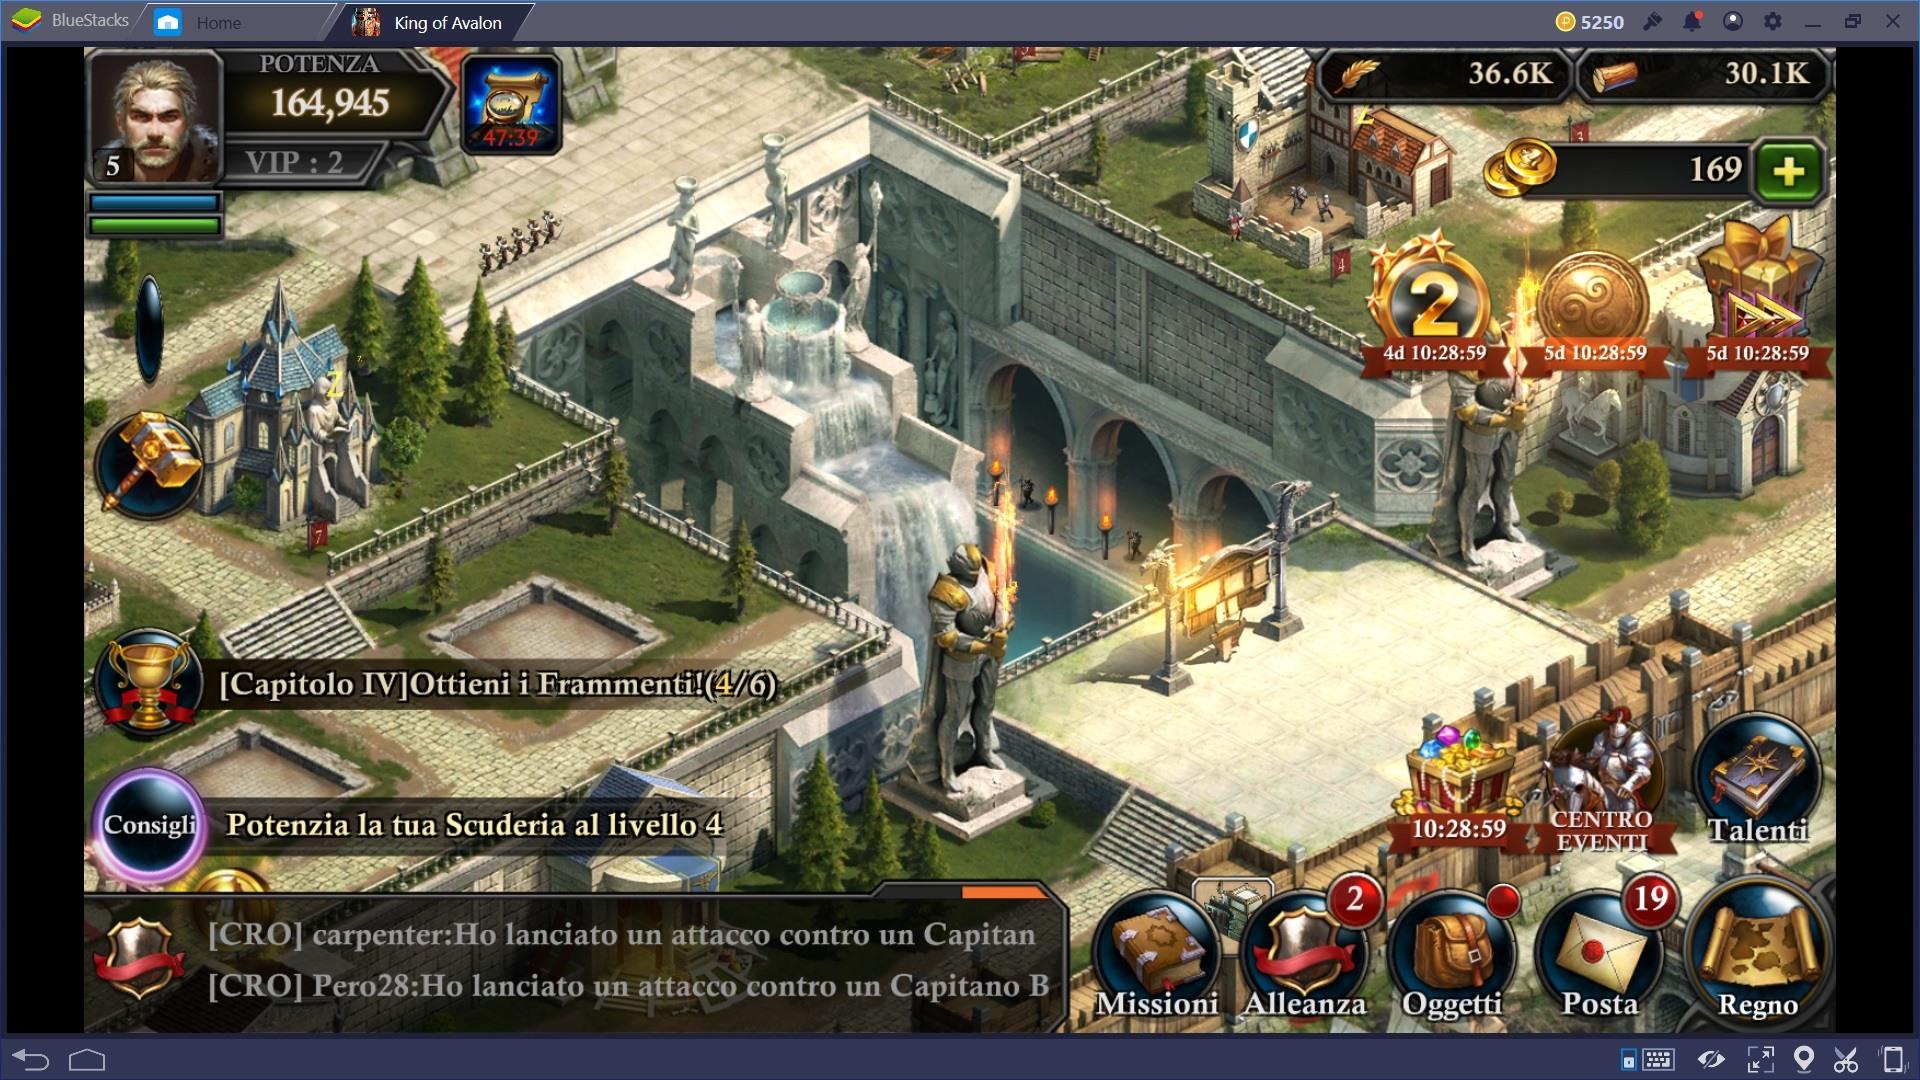 King of Avalon: gli errori più comuni e come evitarli